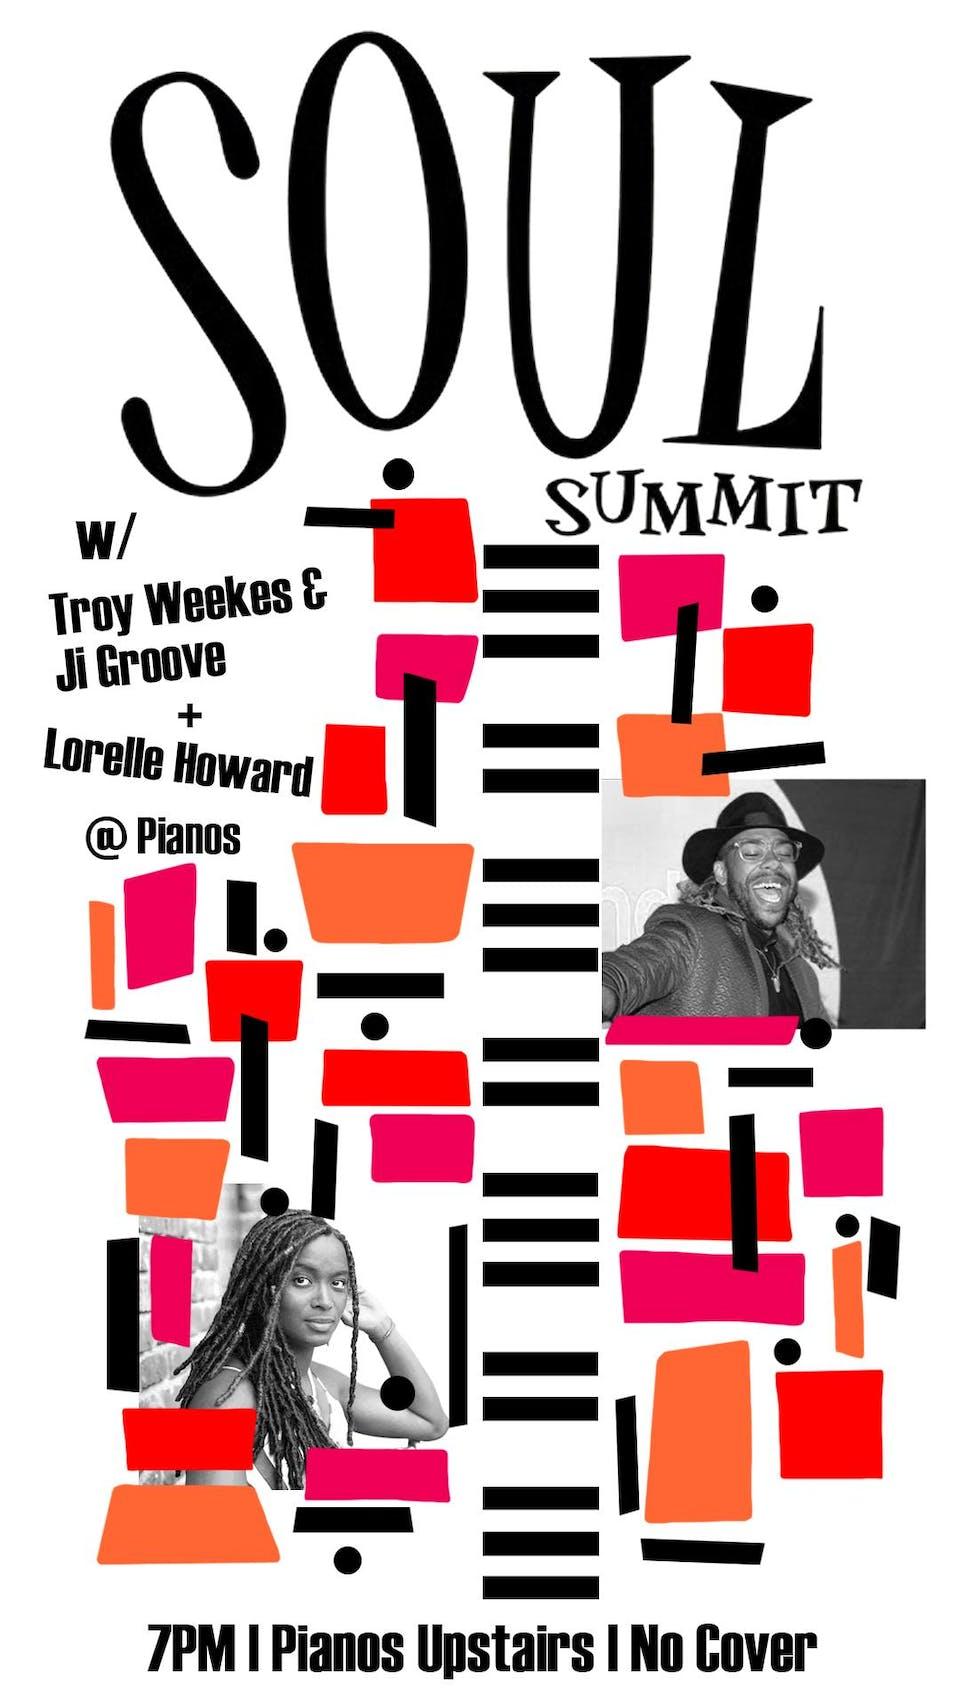 SOUL NIGHT W/ Troy Weekes & Ji-Groove, Lorelle Howard